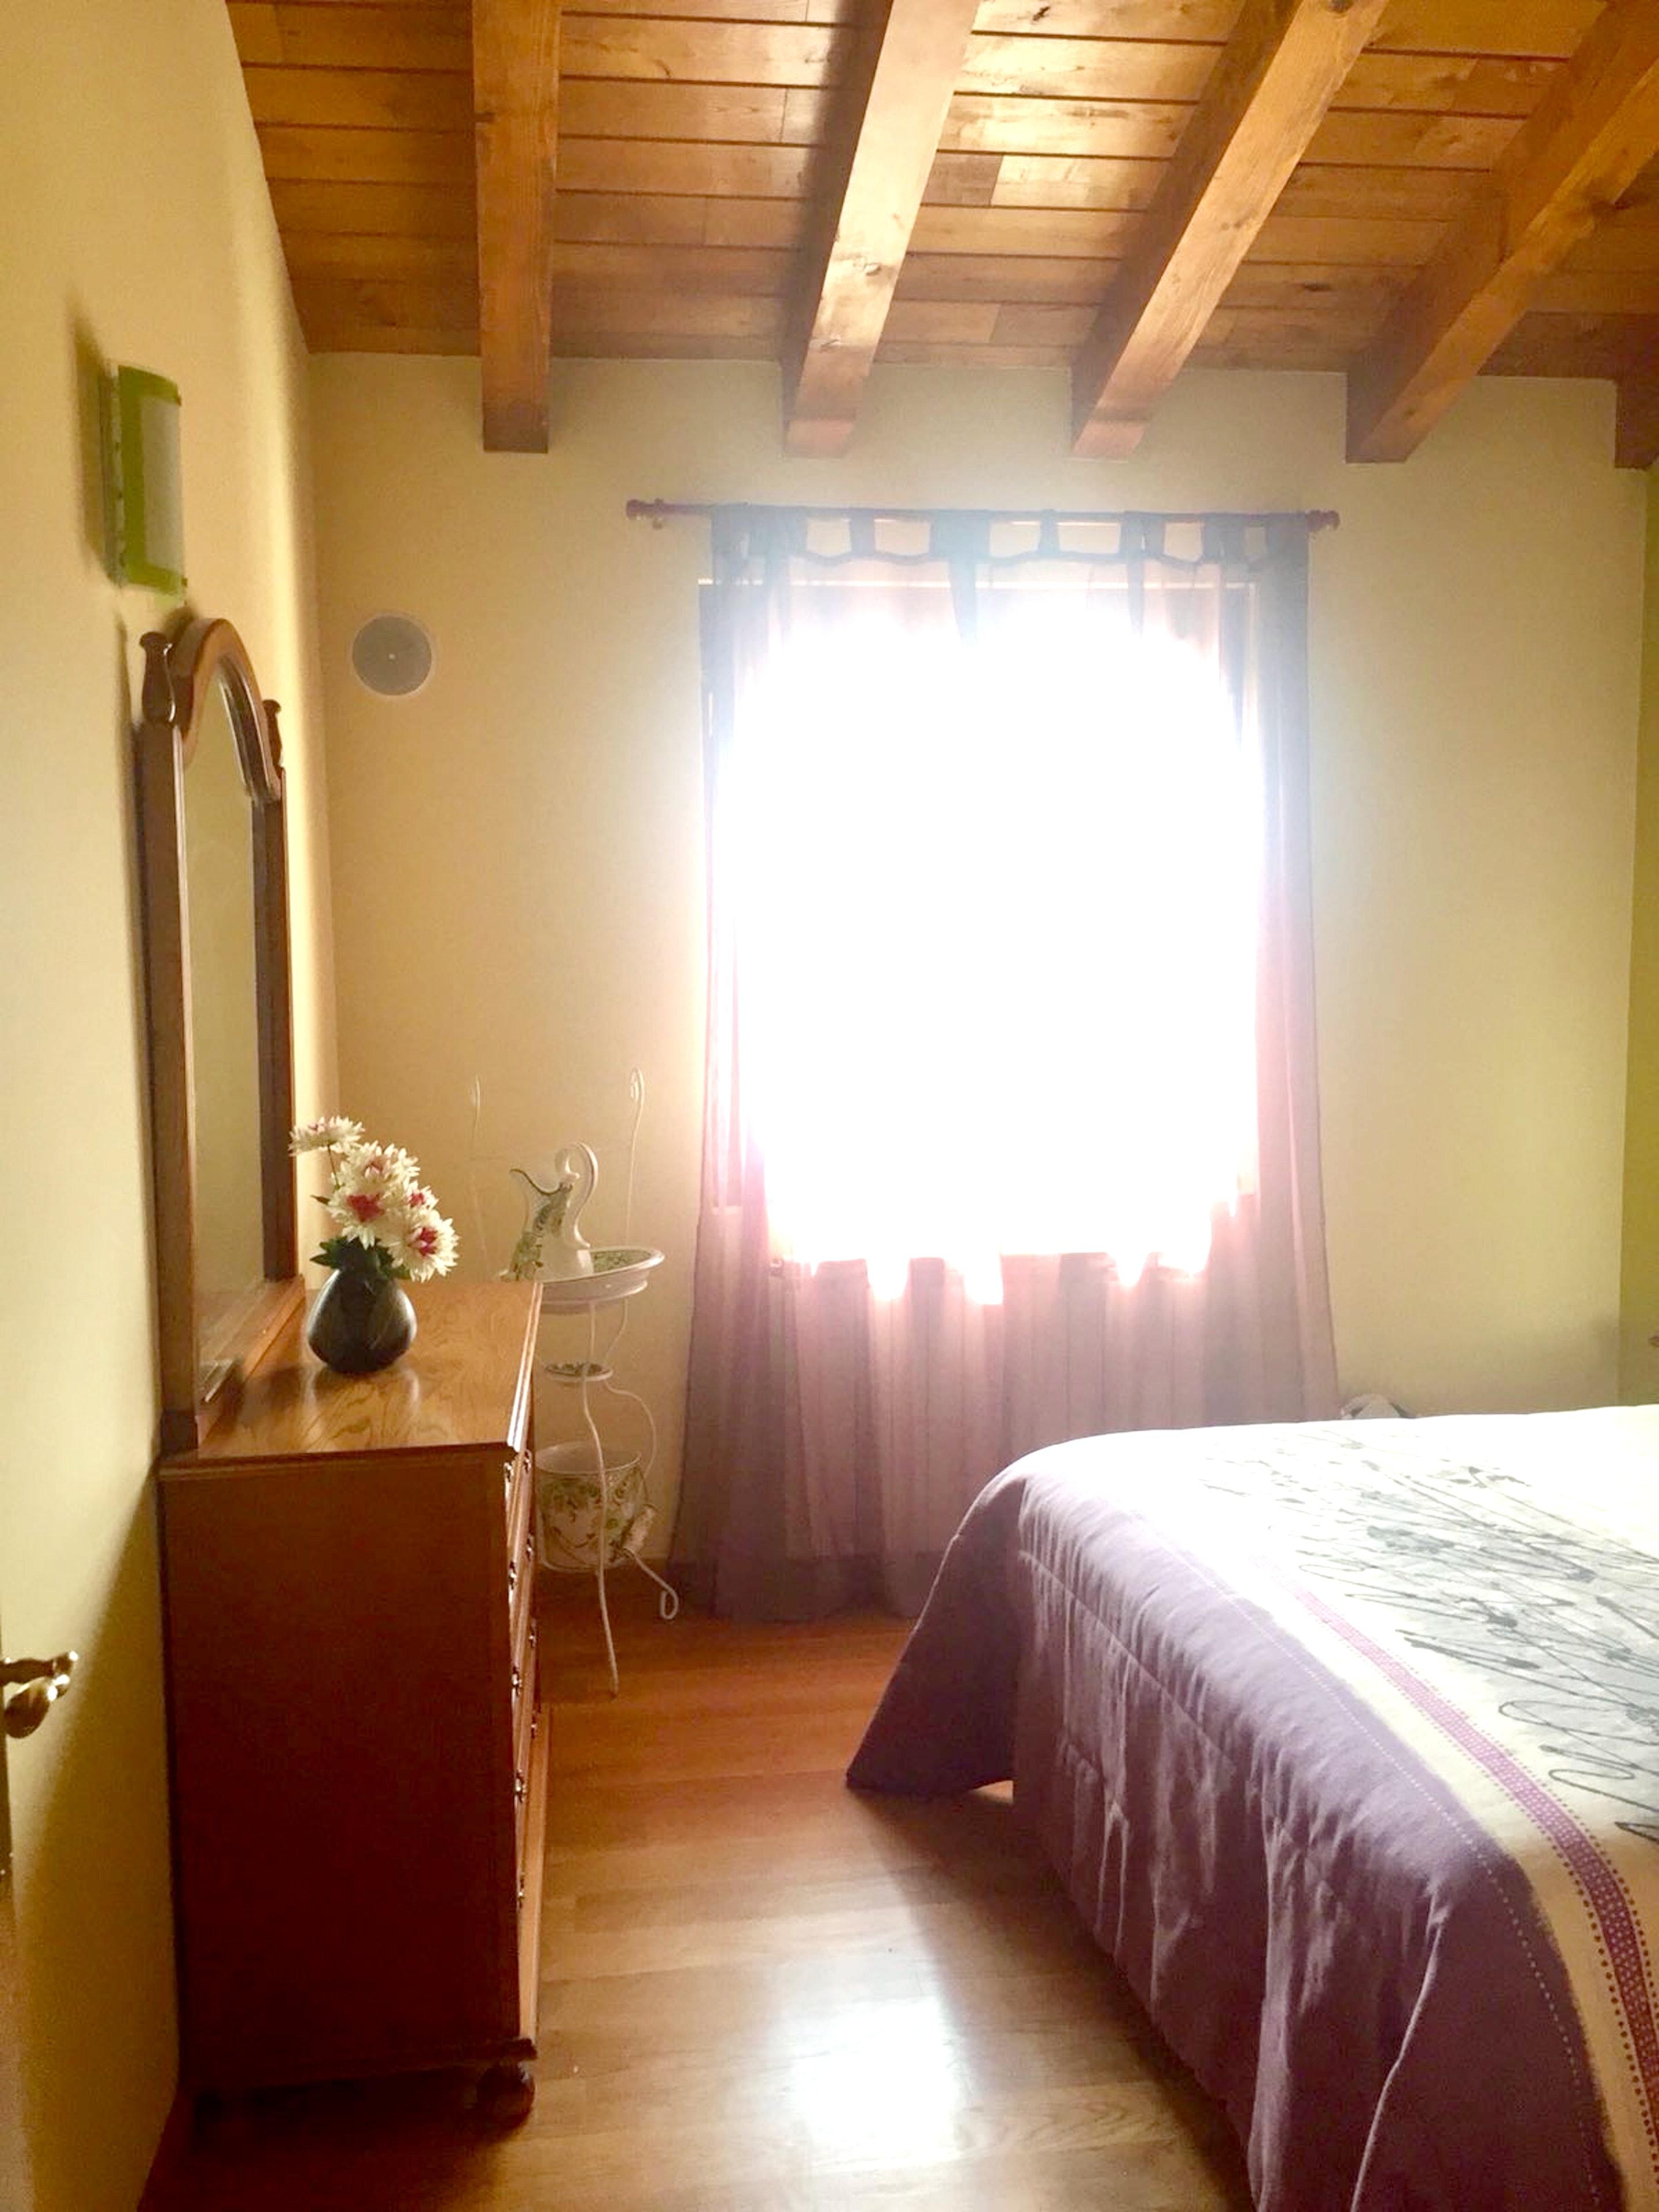 Ferienhaus Haus mit 3 Schlafzimmern in Arellano mit toller Aussicht auf die Berge und möblierter Terr (2420299), Arellano, , Navarra, Spanien, Bild 13